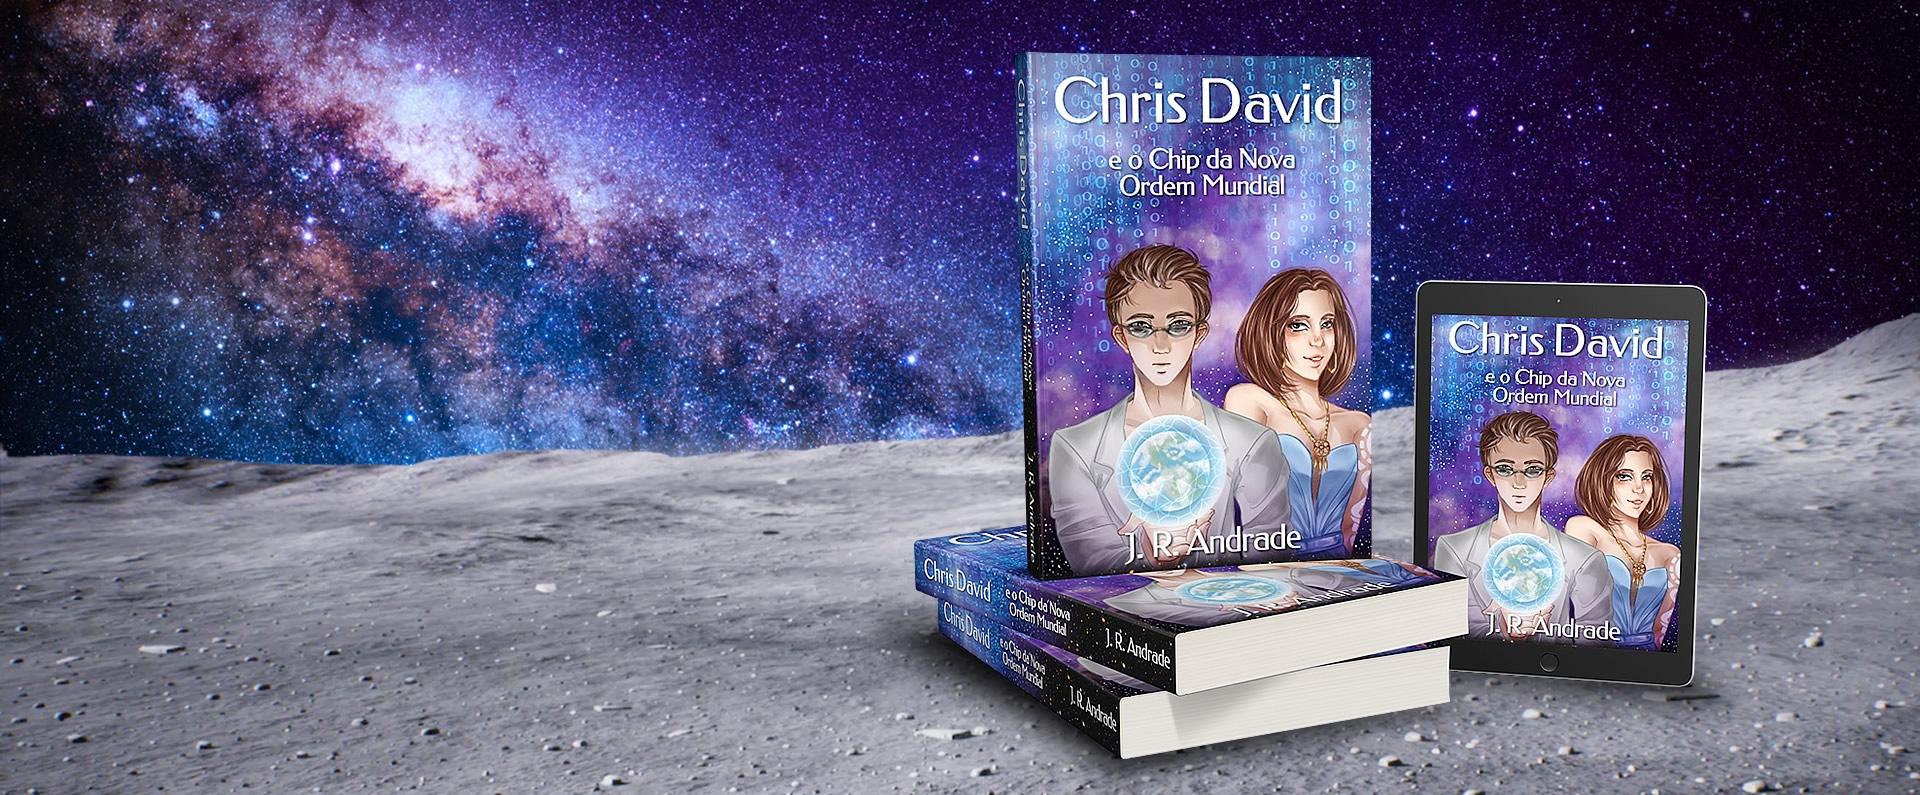 Chris David e o Chip da Nova Ordem Mundial - Romance de ficção científica que se inspira em obras do gênero Cyberpunk e no livro Neuromancer de Willian Gibson